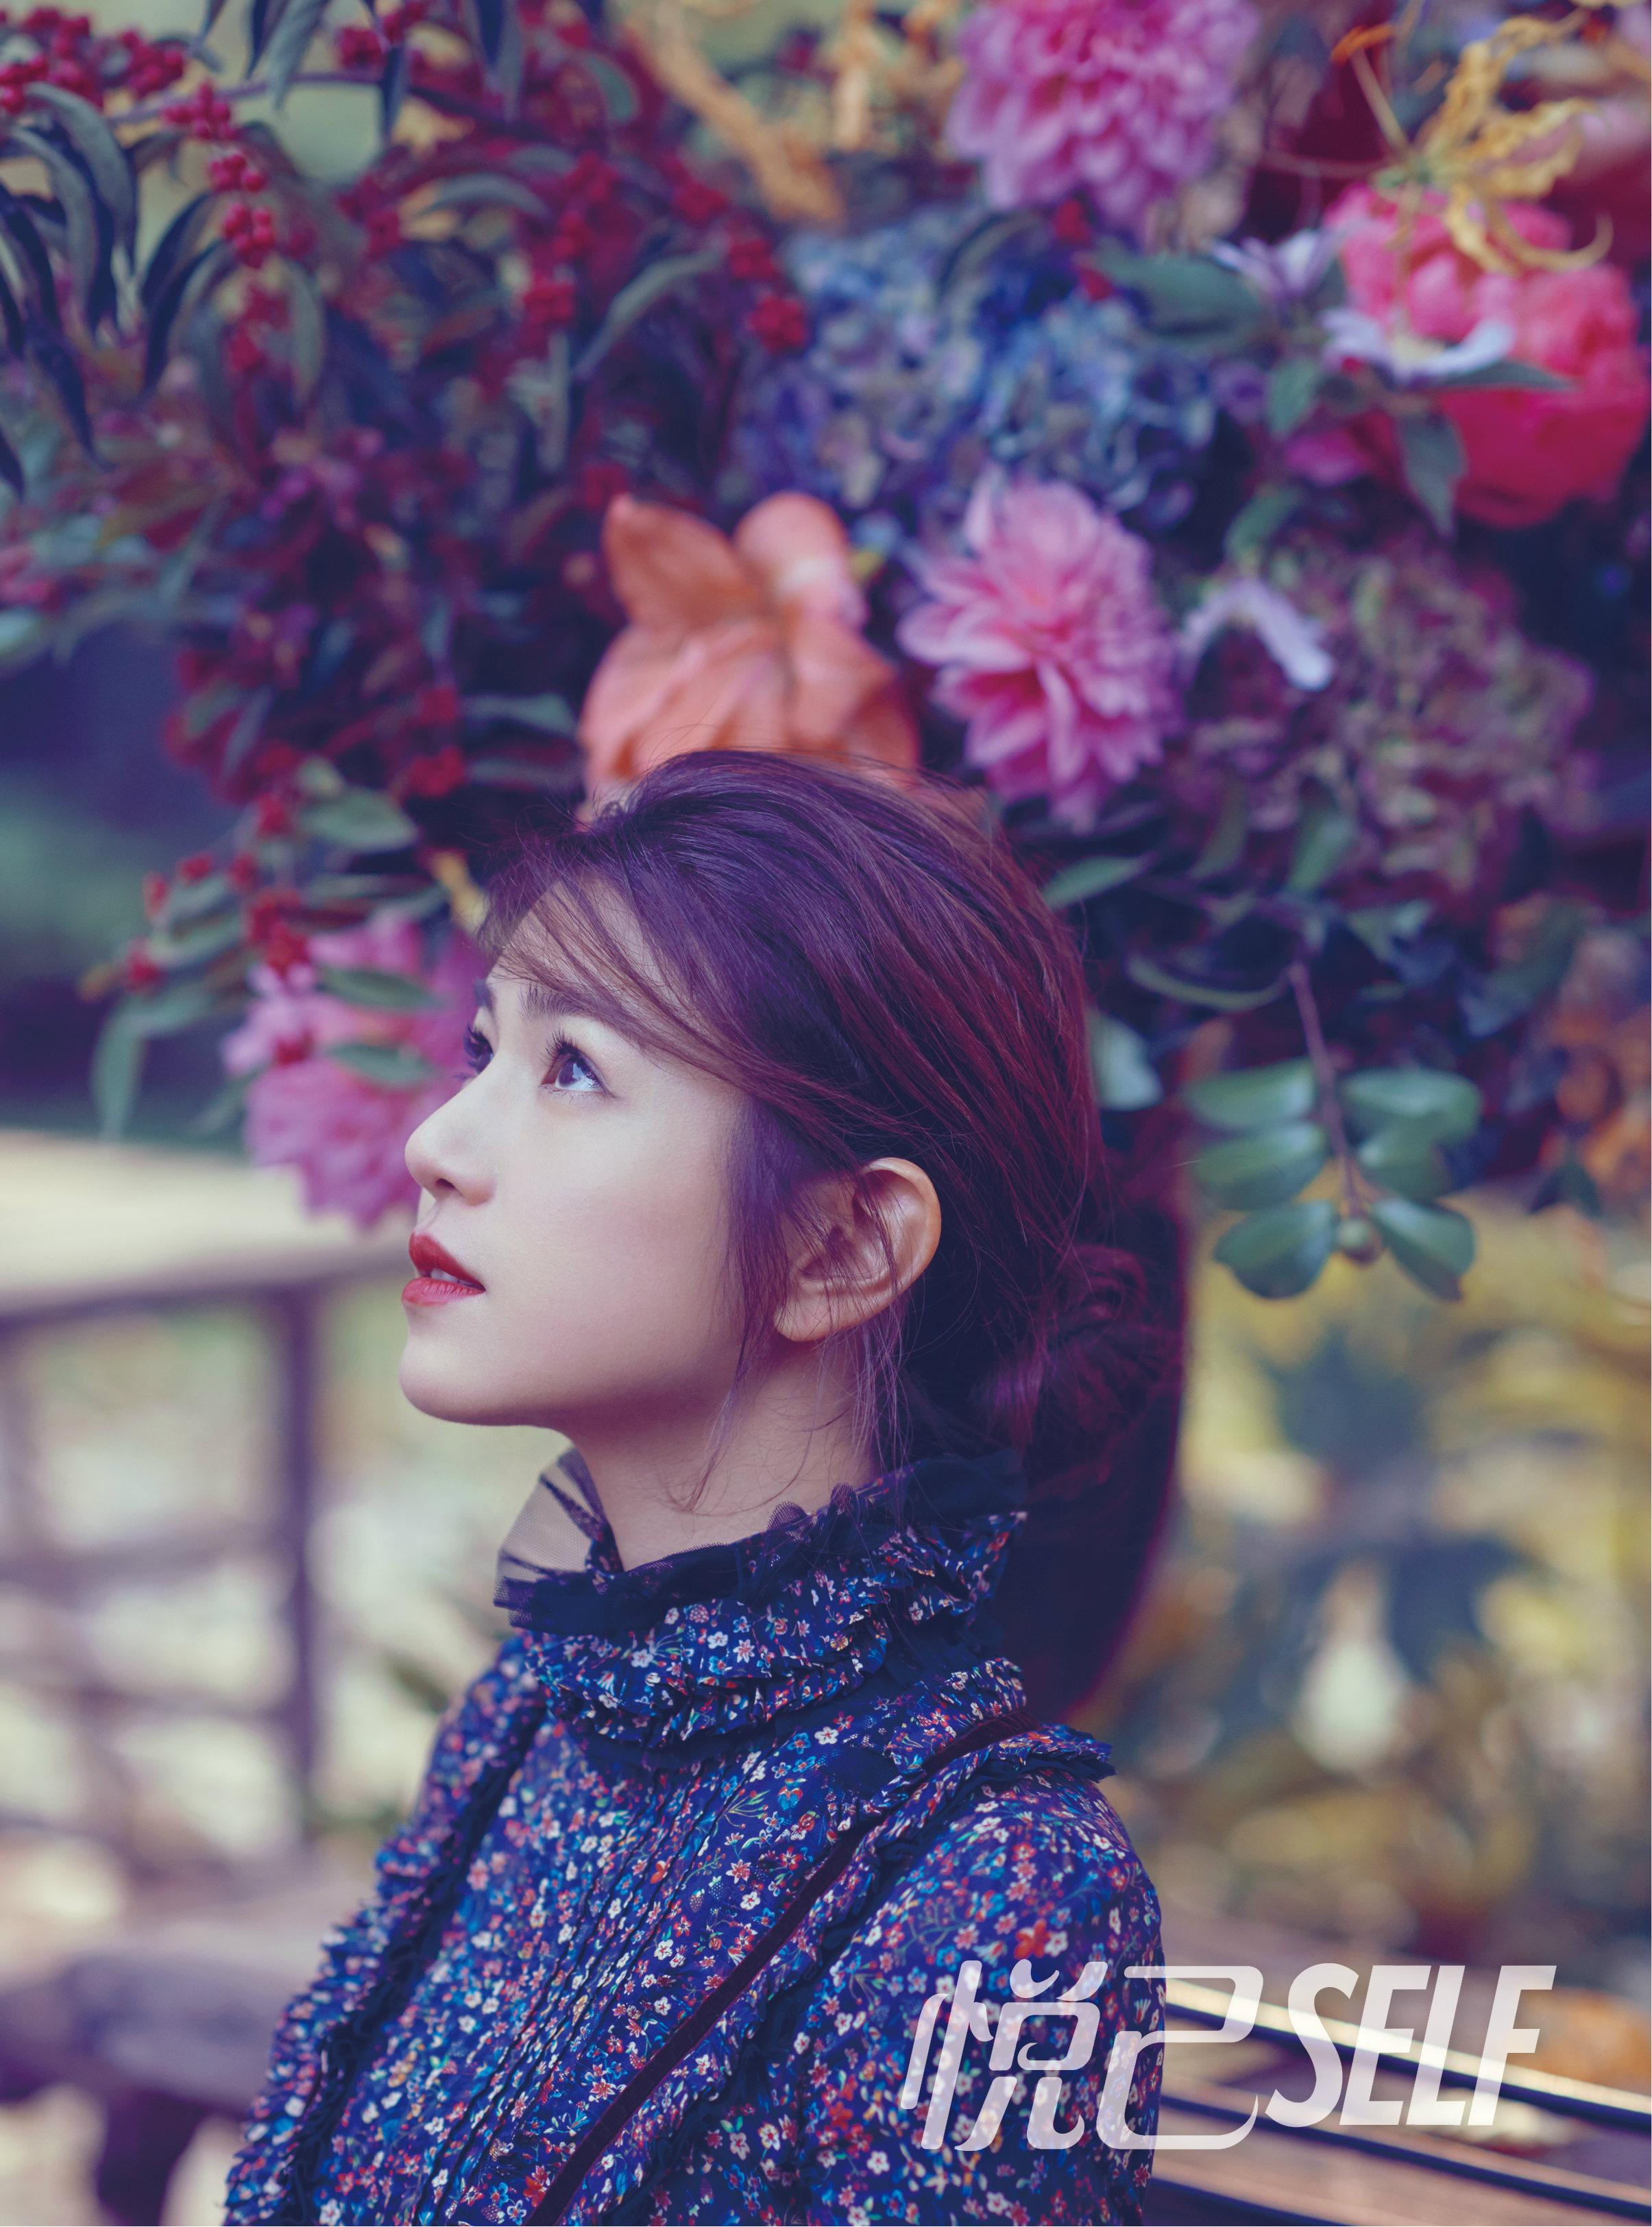 陈妍希登12月封面 红唇俏皮演绎复古质感